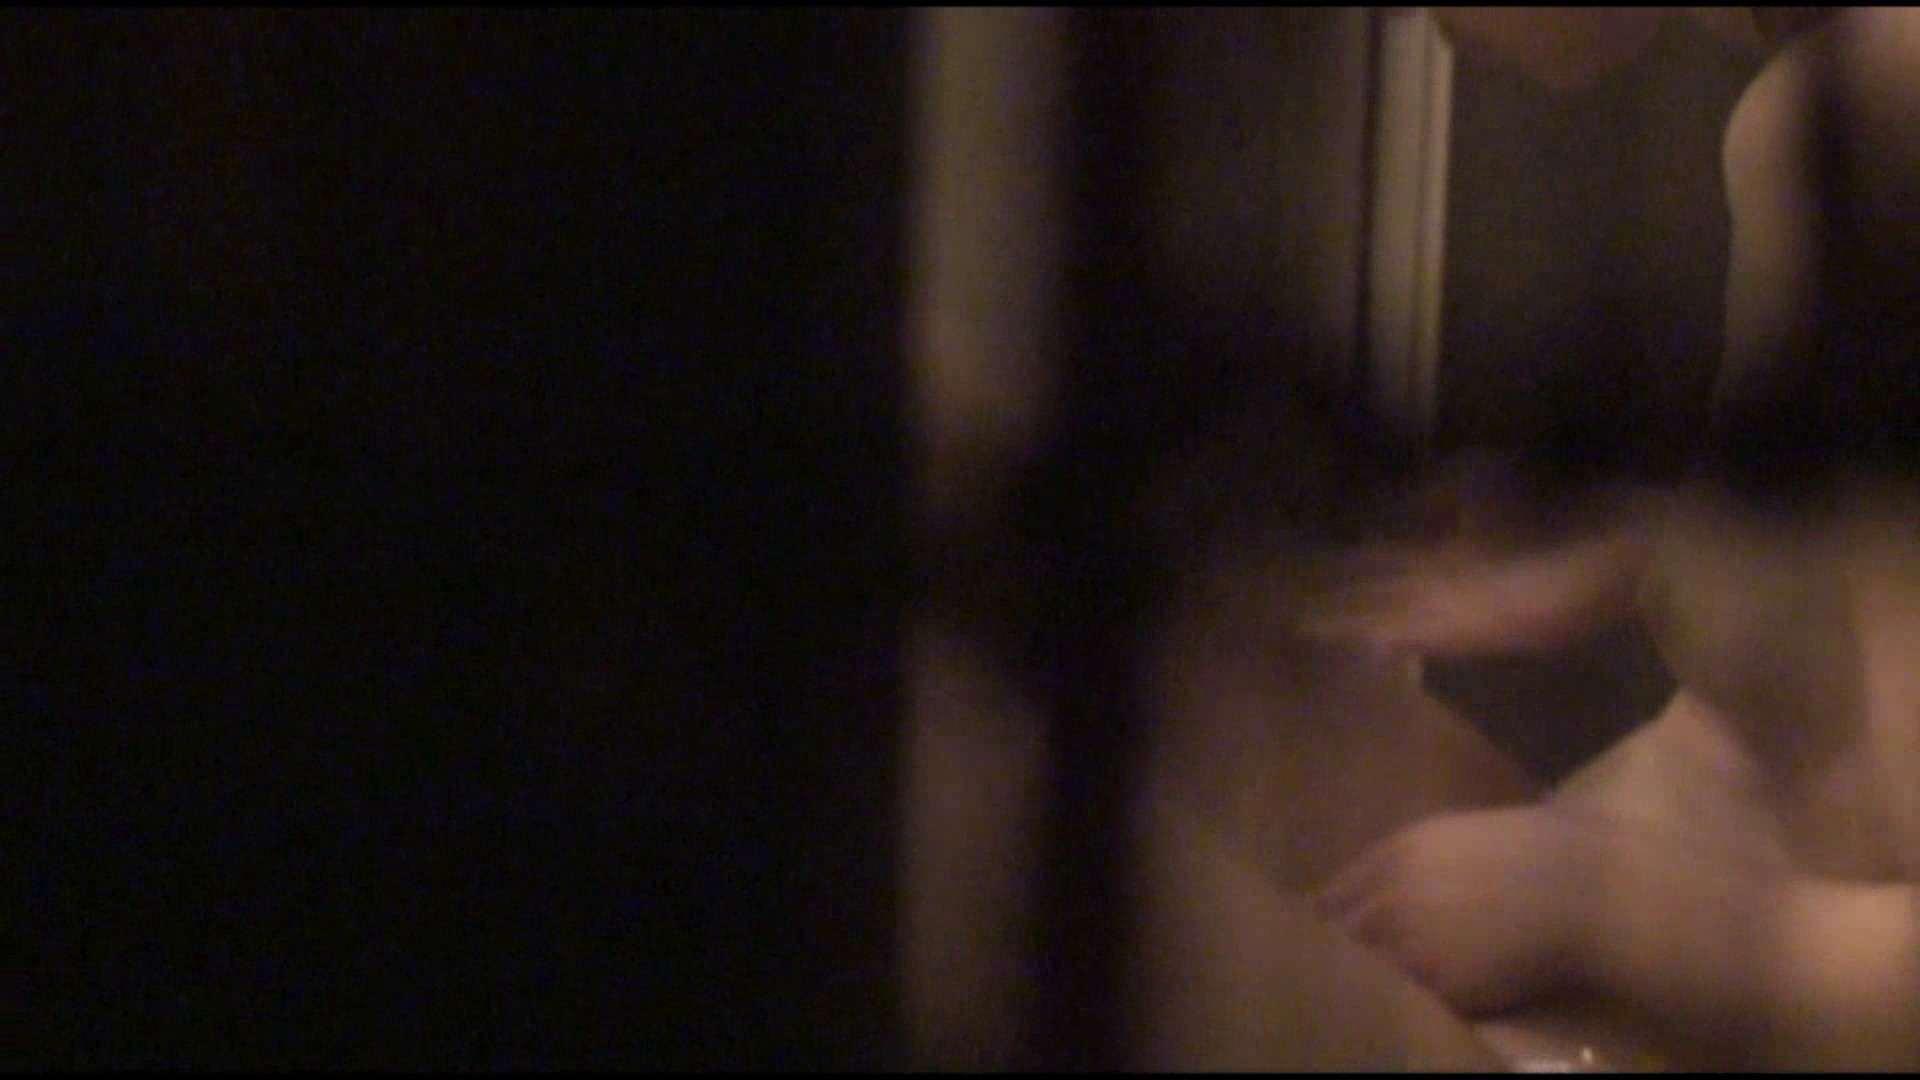 無修正おまんこ動画|vol.05最高の極上美人!可愛い彼女の裸体をどうぞ!風呂上り鏡チェックも必見!|怪盗ジョーカー